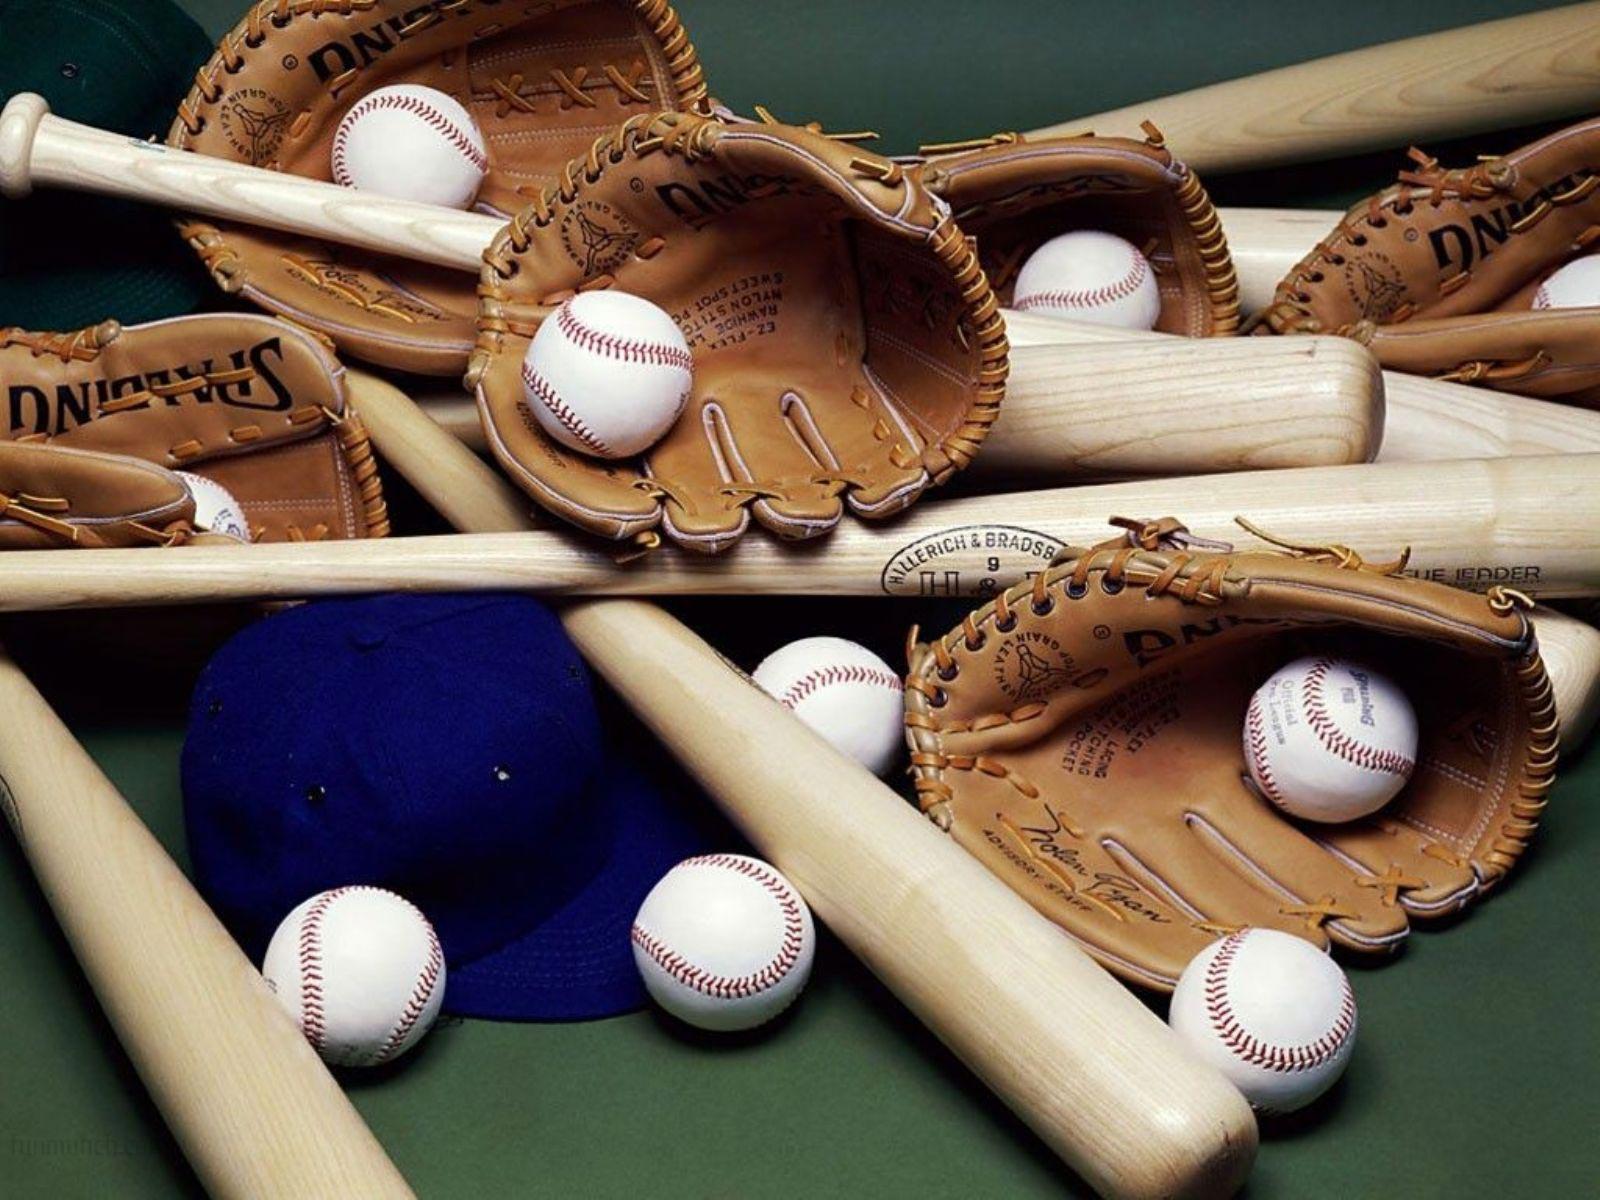 Baseball Backgrounds wallpaper Baseball Backgrounds hd wallpaper 1600x1200